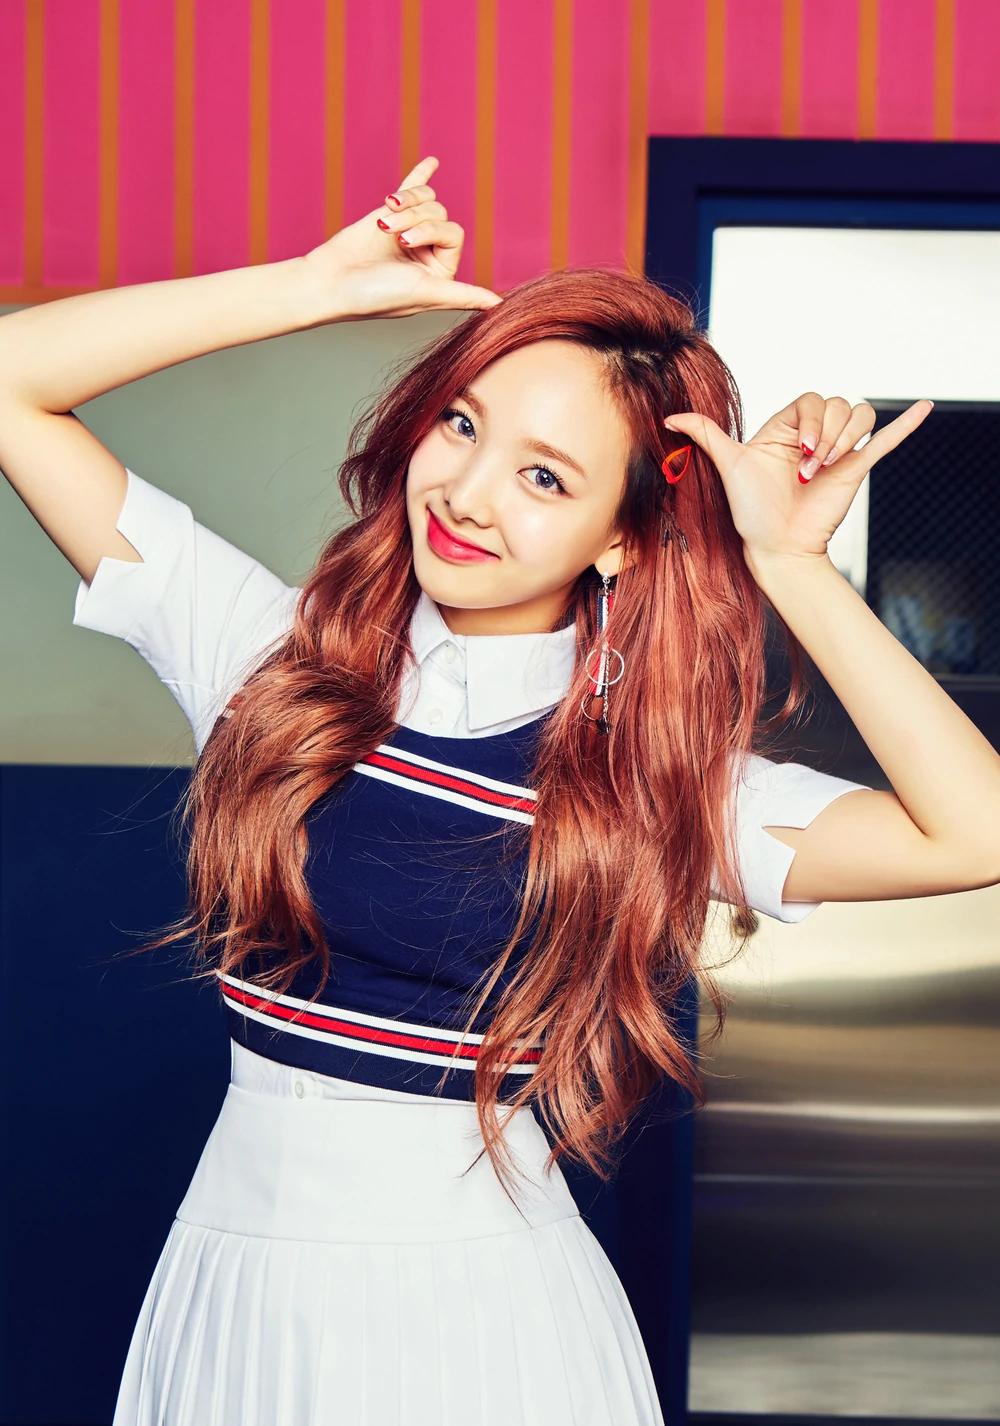 Nayeon Twice Gallery Kpop Wiki Fandom Powered By Wikia Nayeon Twice Nayeon Twice